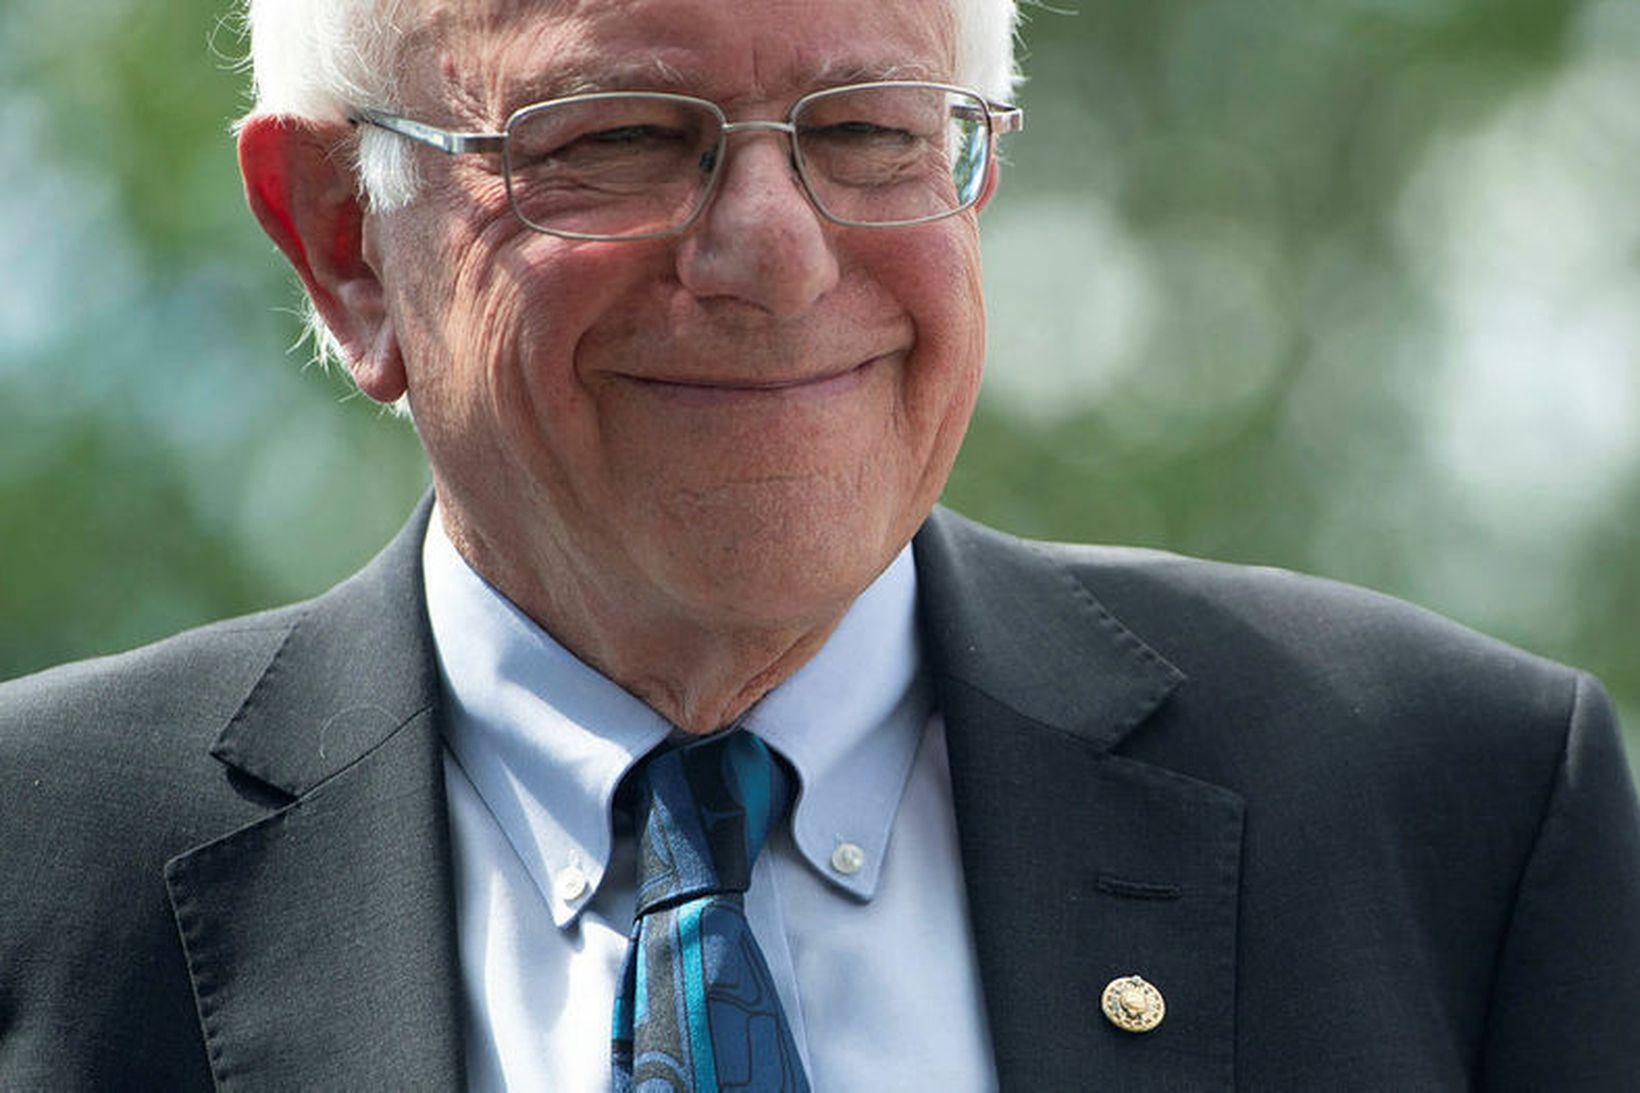 Bernie Sanders kynnti 2.200 milljarða dala menntaáætlun sína í gær. …